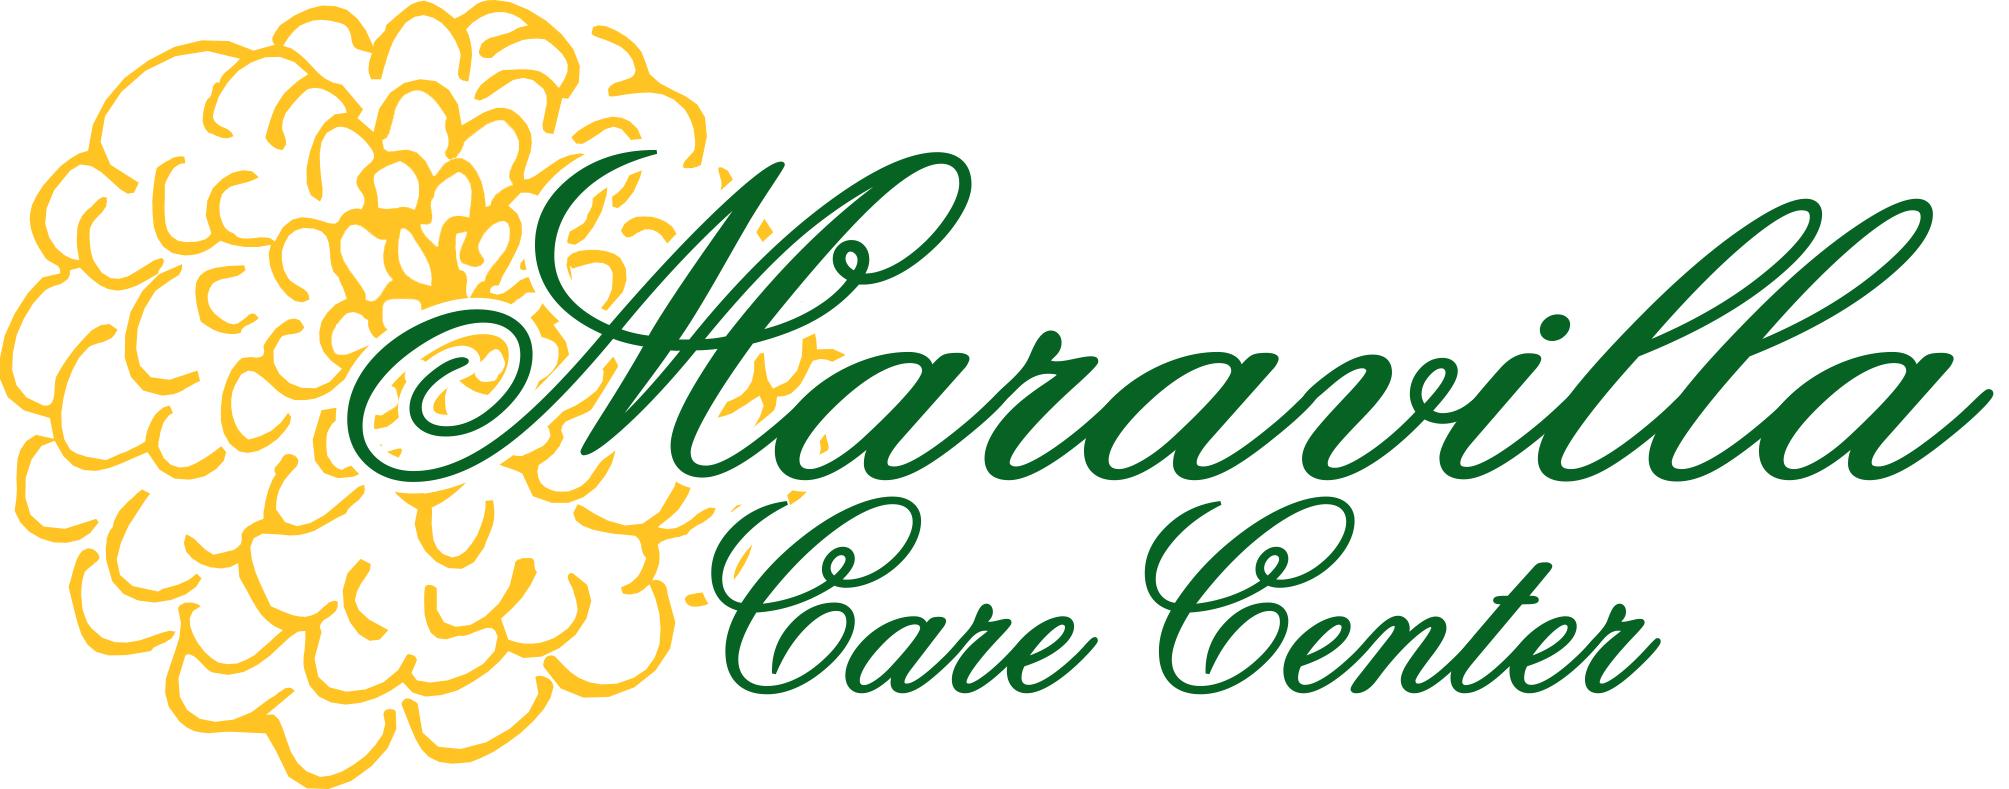 Maravilla Care Center Career Center Certified Nurse Aide Cna